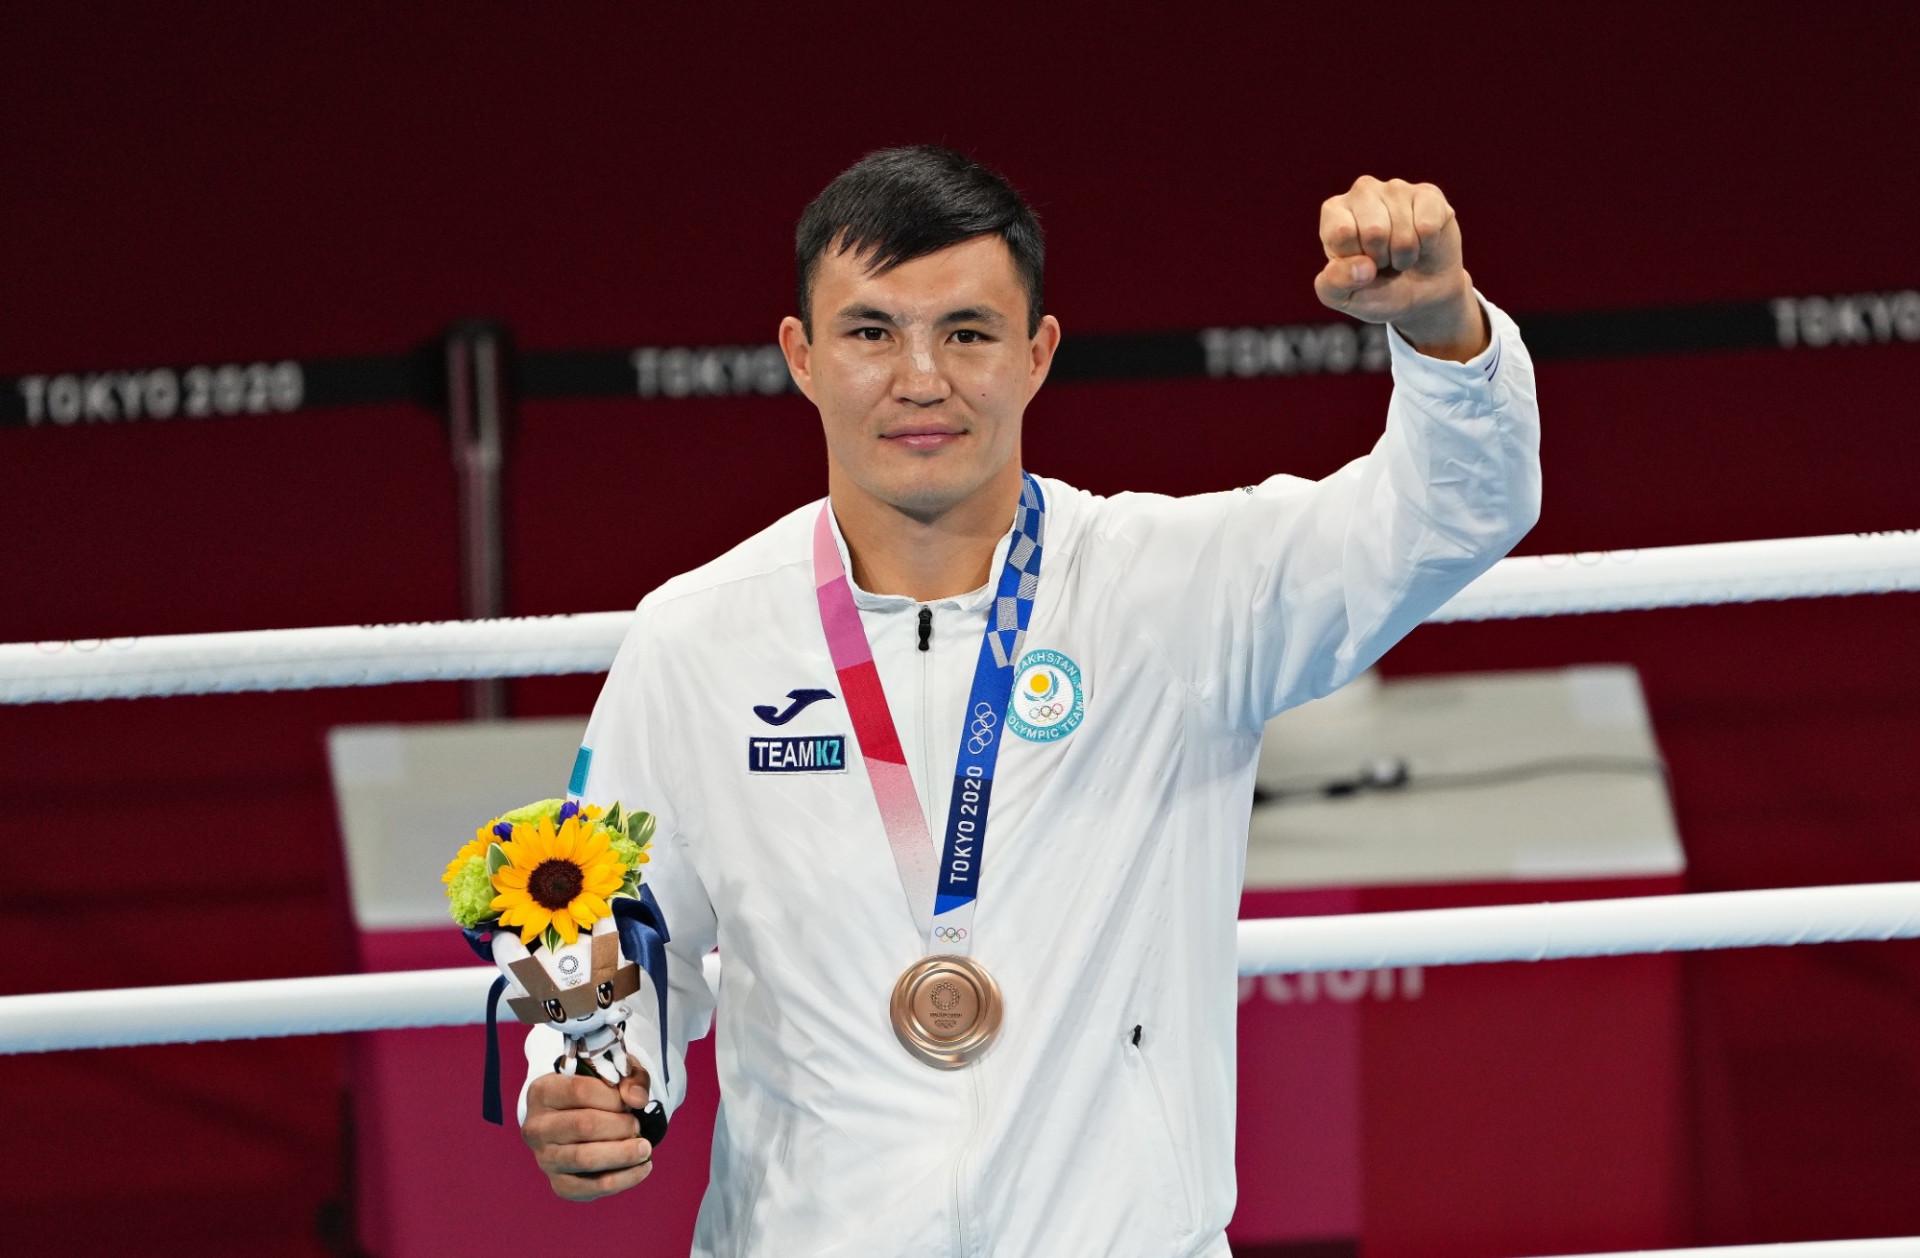 Боксеры РК пожертвуют призовые за бронзу на благотворительность